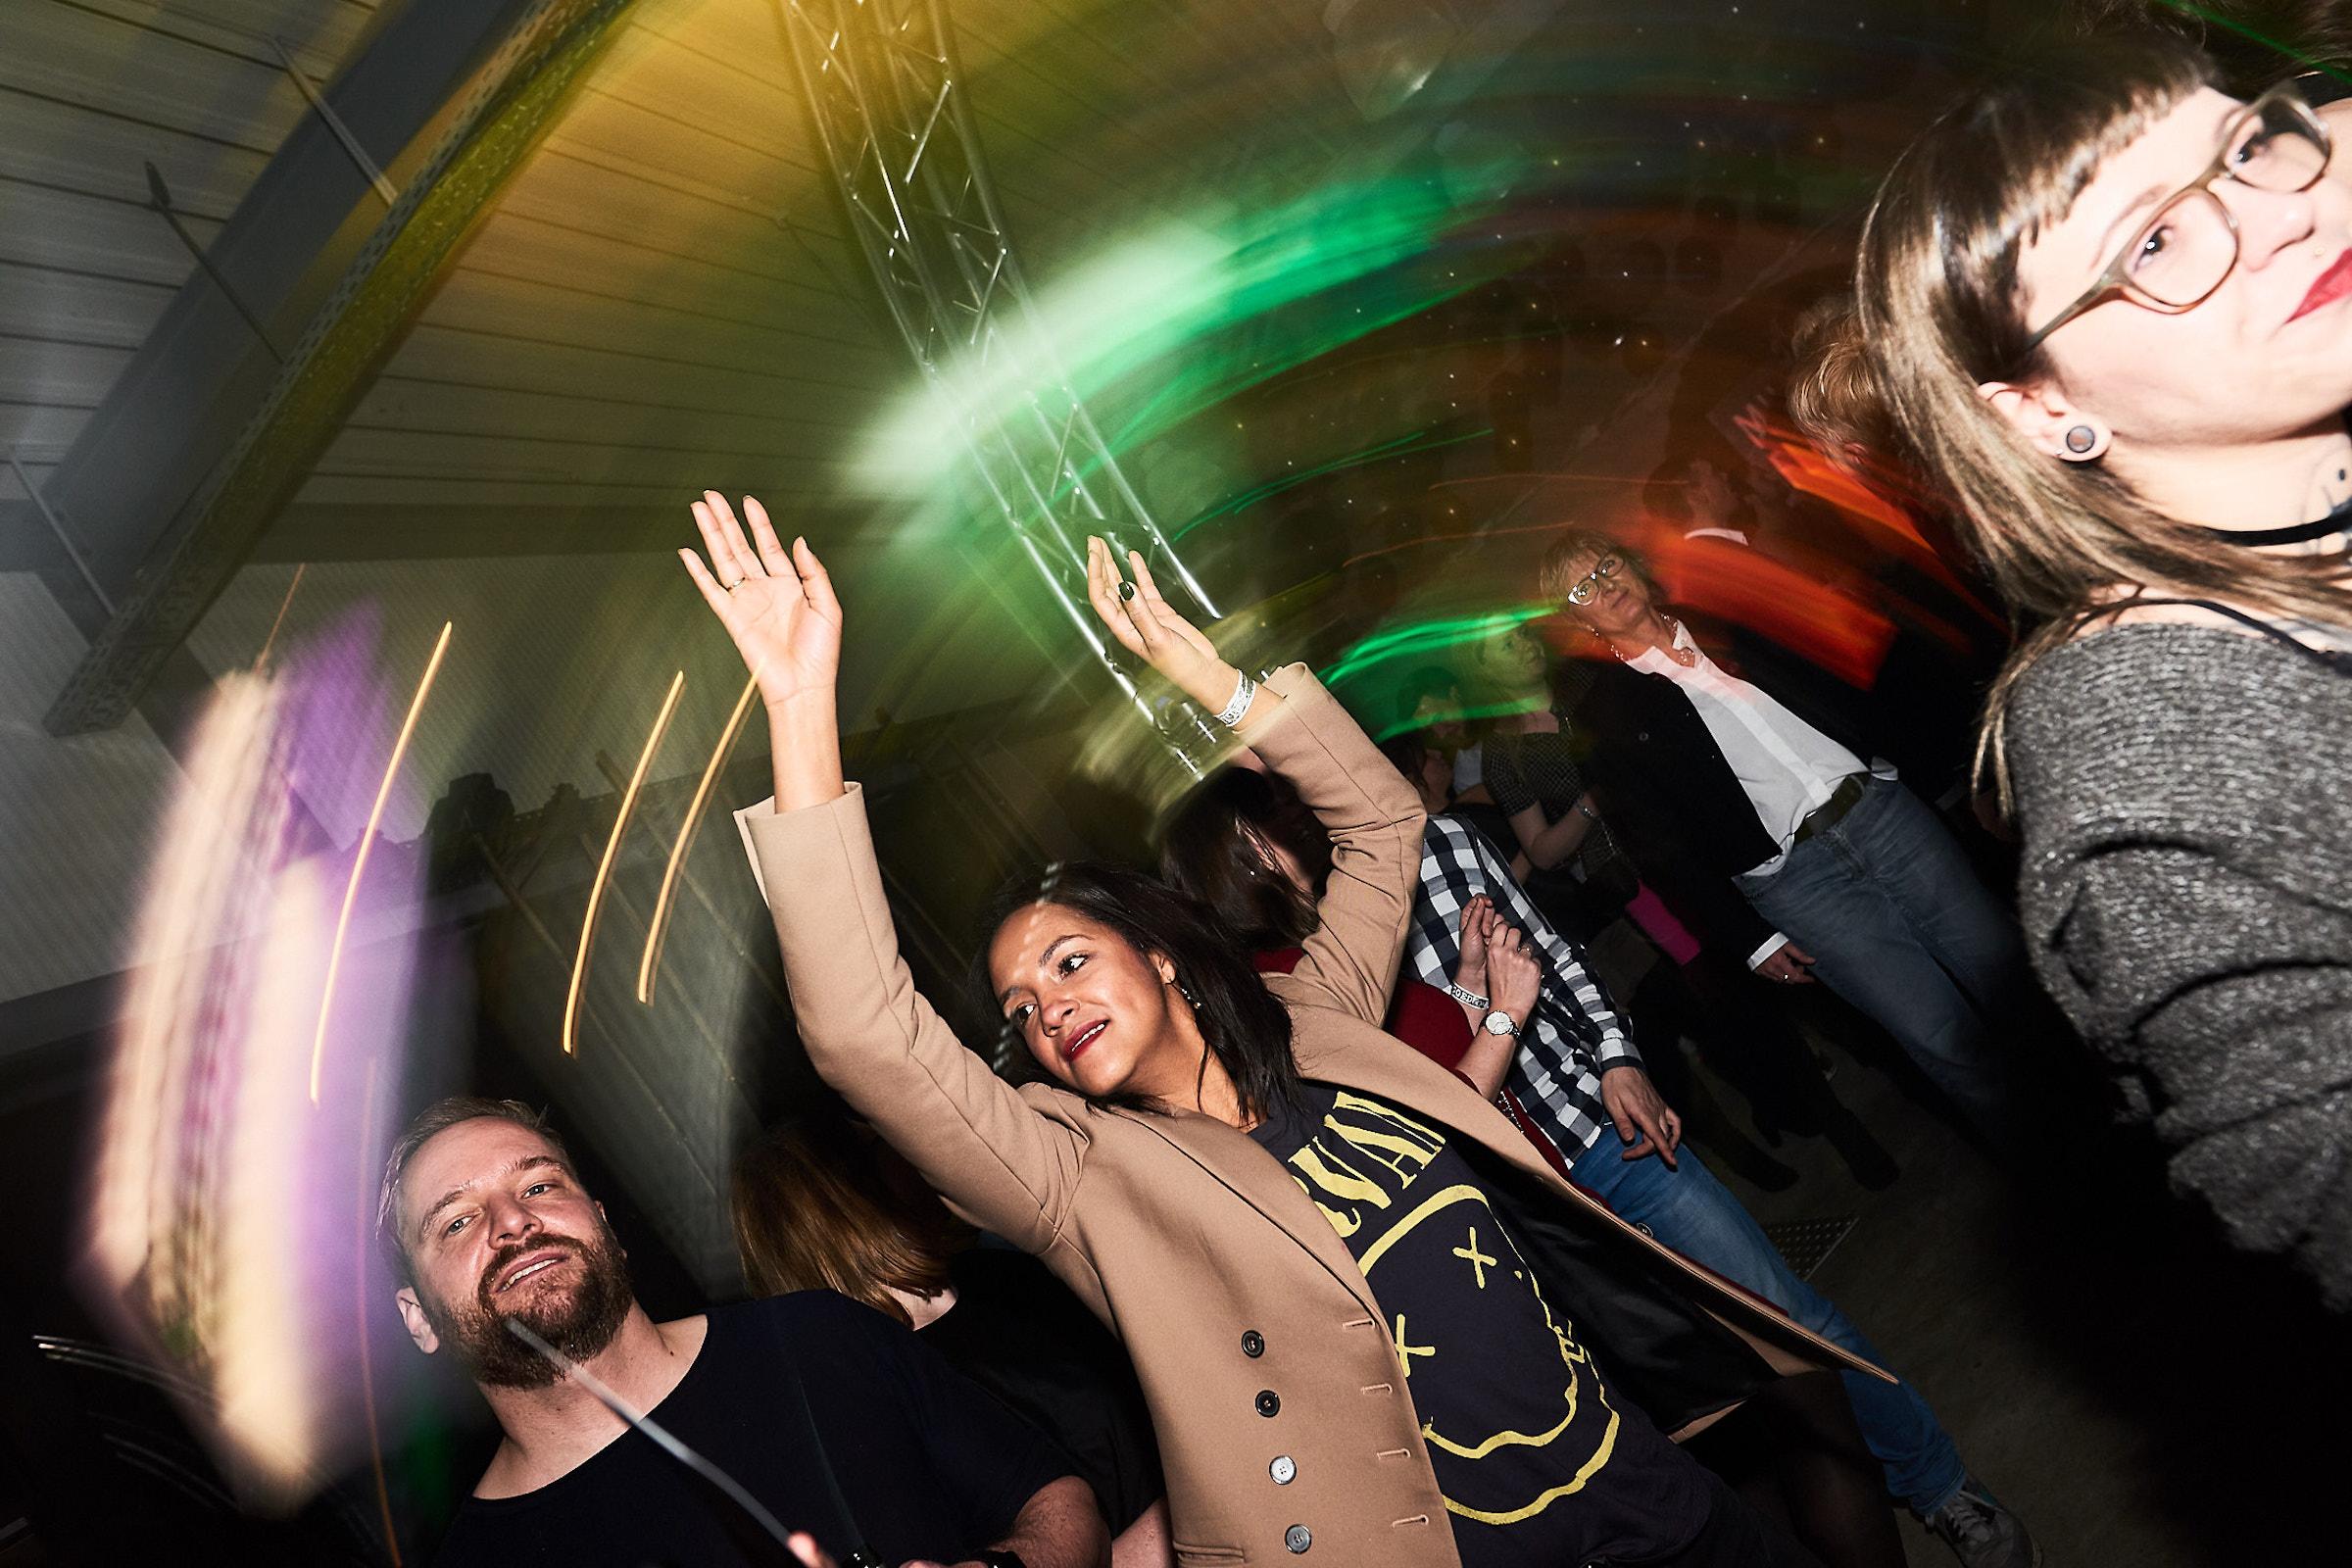 DJ | Agentur | DJ | Geburtstag | DJ | Messe | Hochzeits | DJ | Hannover | DJ | Firmenevent | Firmenfeier | DJ | Hochzeit | DJ | Weihnachtsfeier | DJ | Sommerfest | Buchen | Anfragen | Lehmann | Eventservice